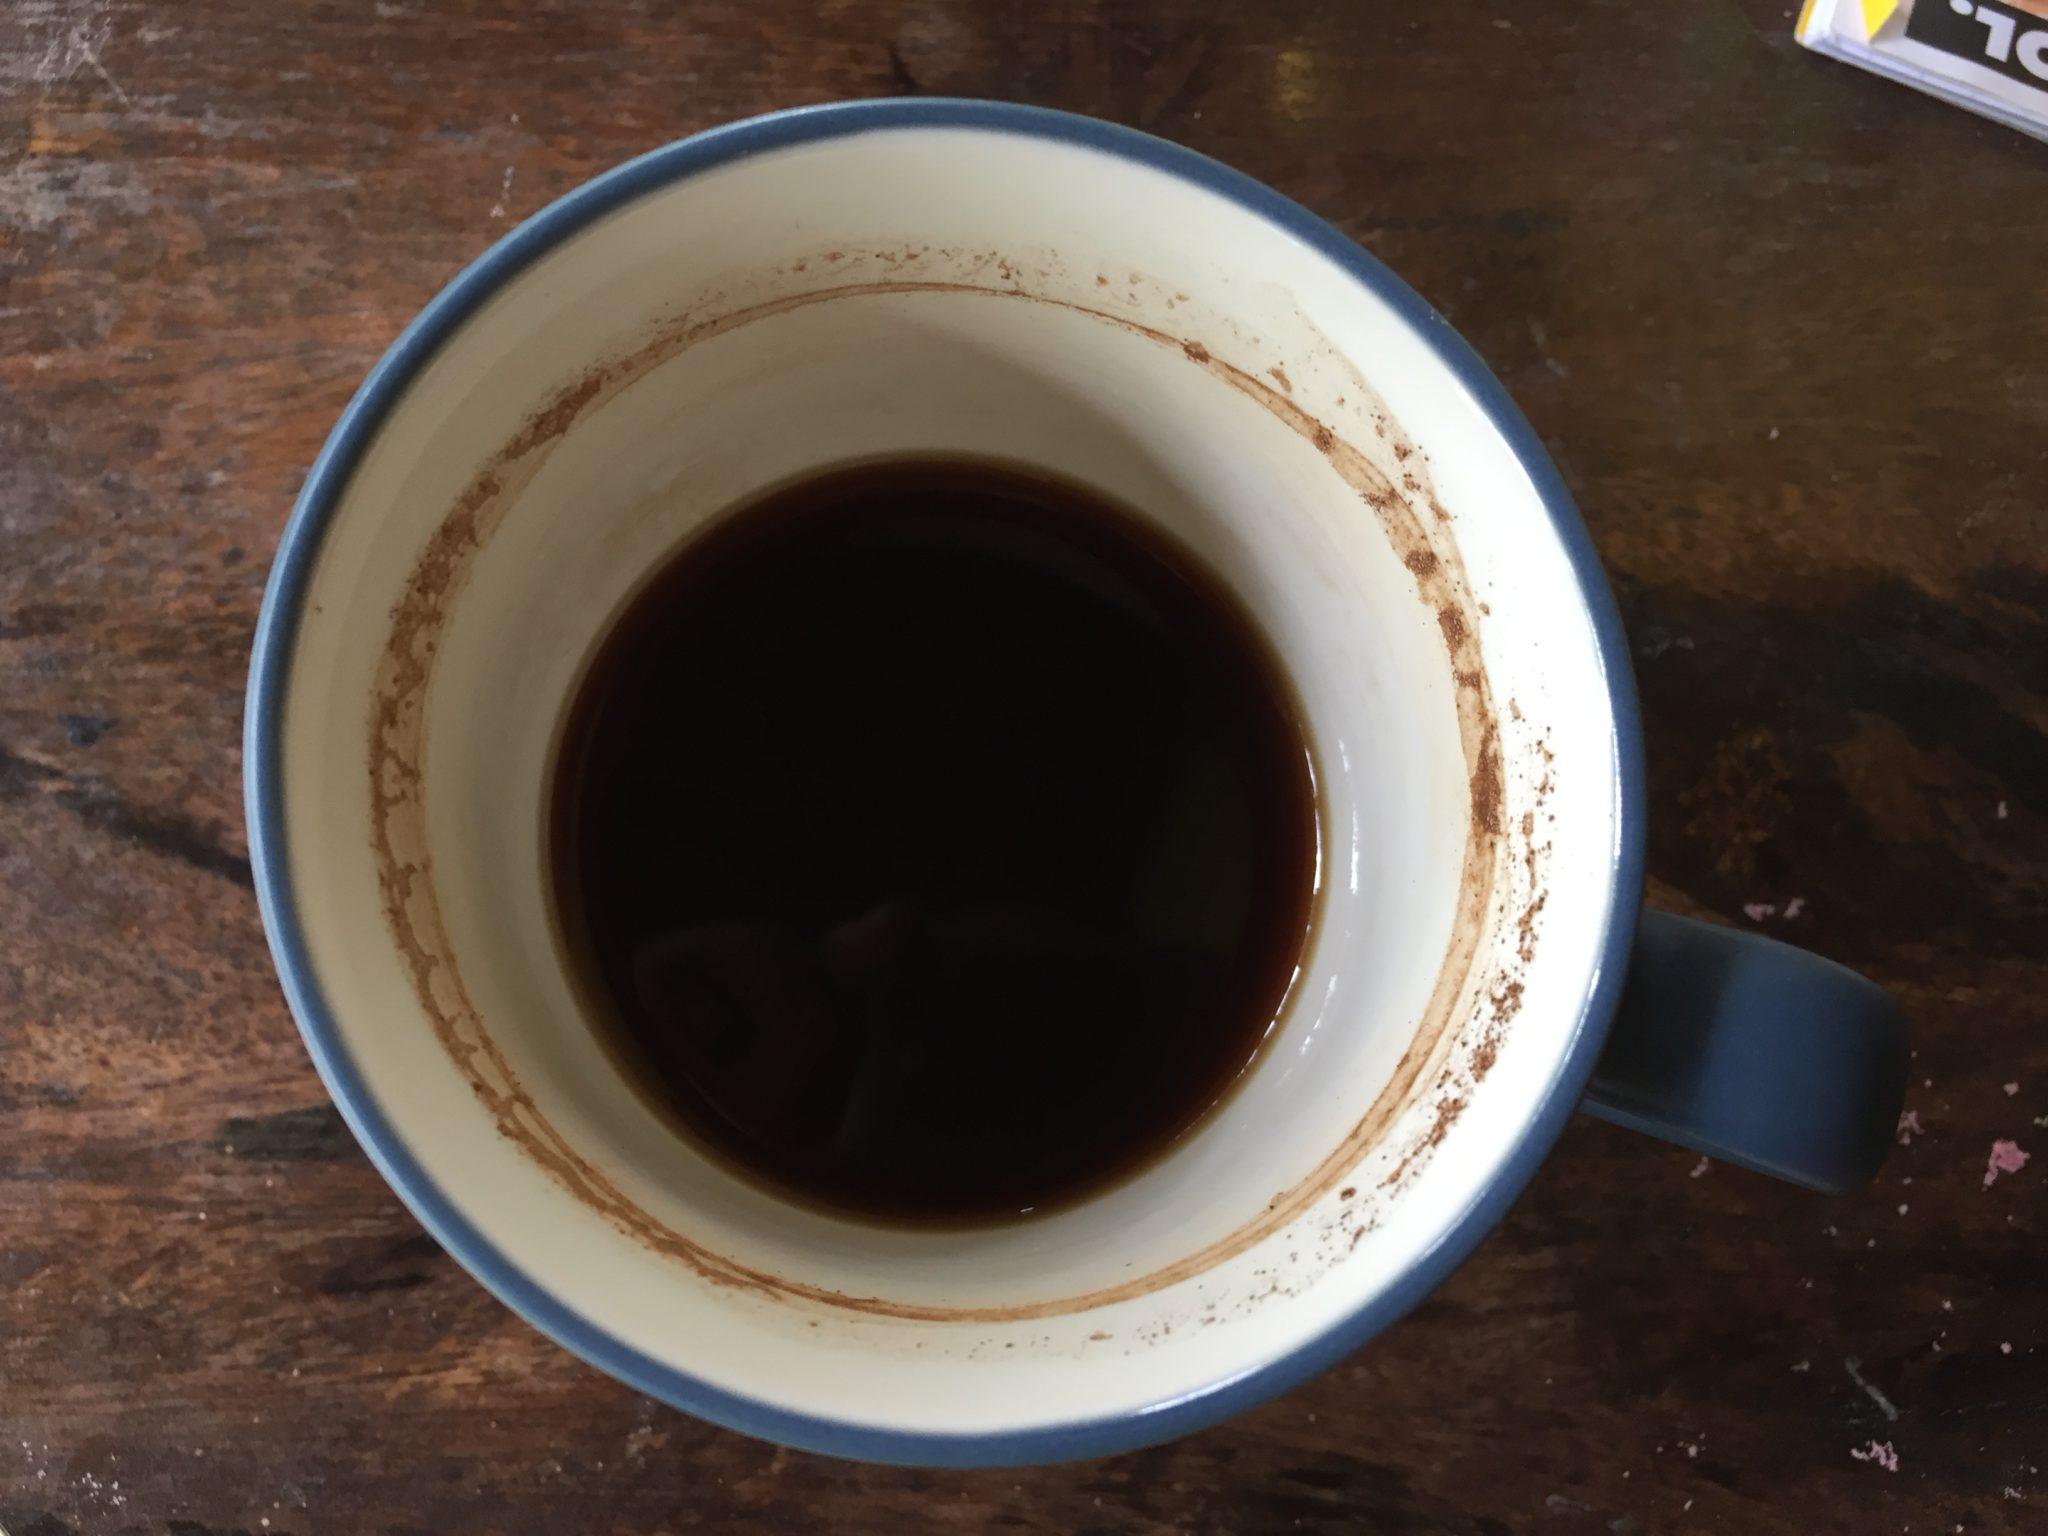 Kaffeetasse fast leer.